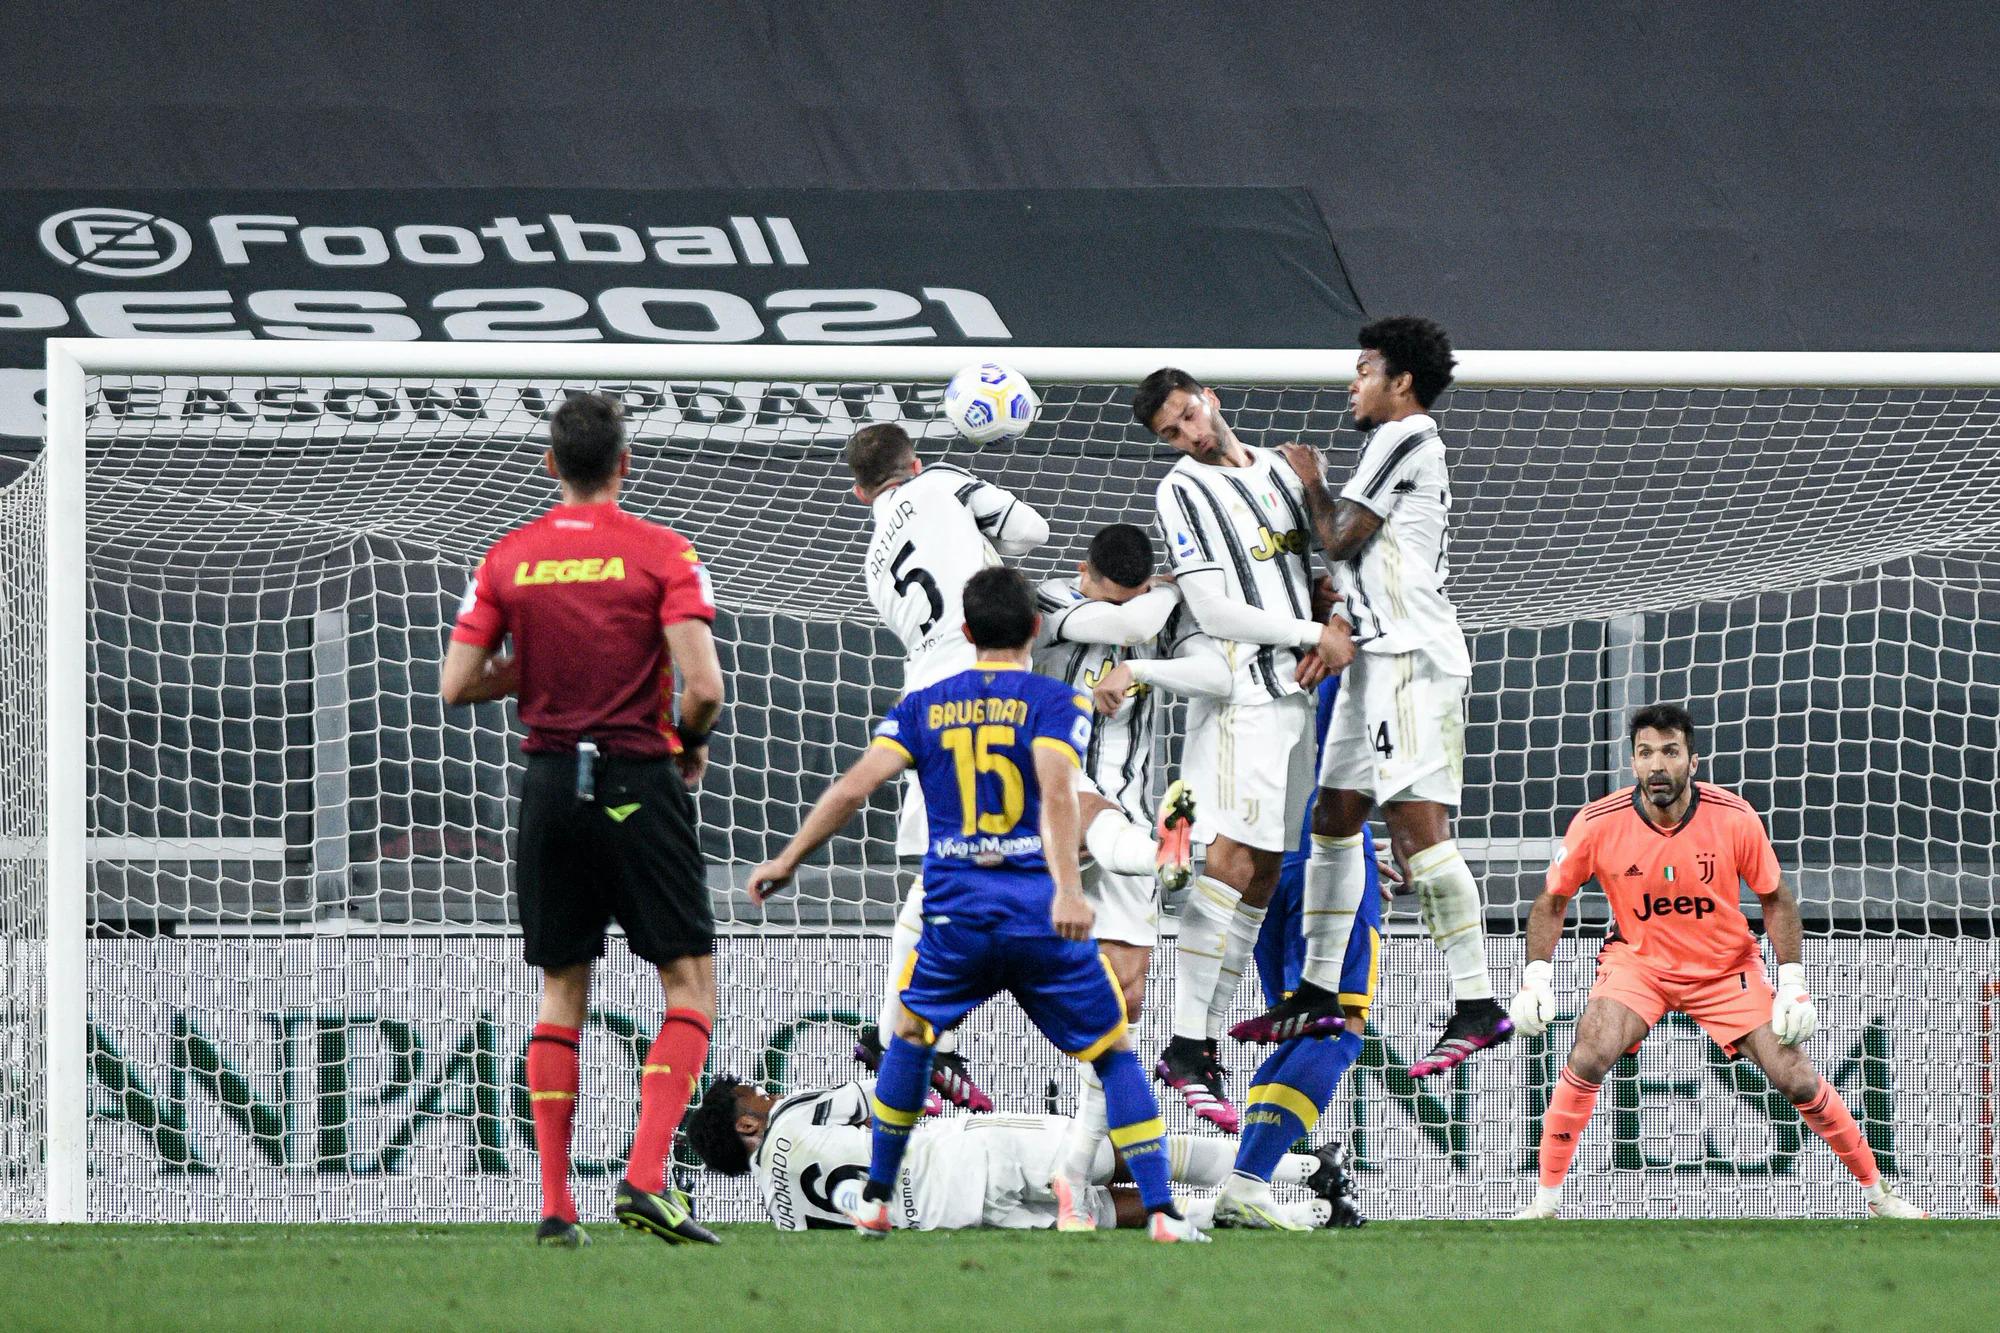 Gara-gara Ronaldo, Juventus harus menghitung ulang rencana personel untuk melakukan pagar pembatas terhadap tendangan bebas.  Foto: Lapresse